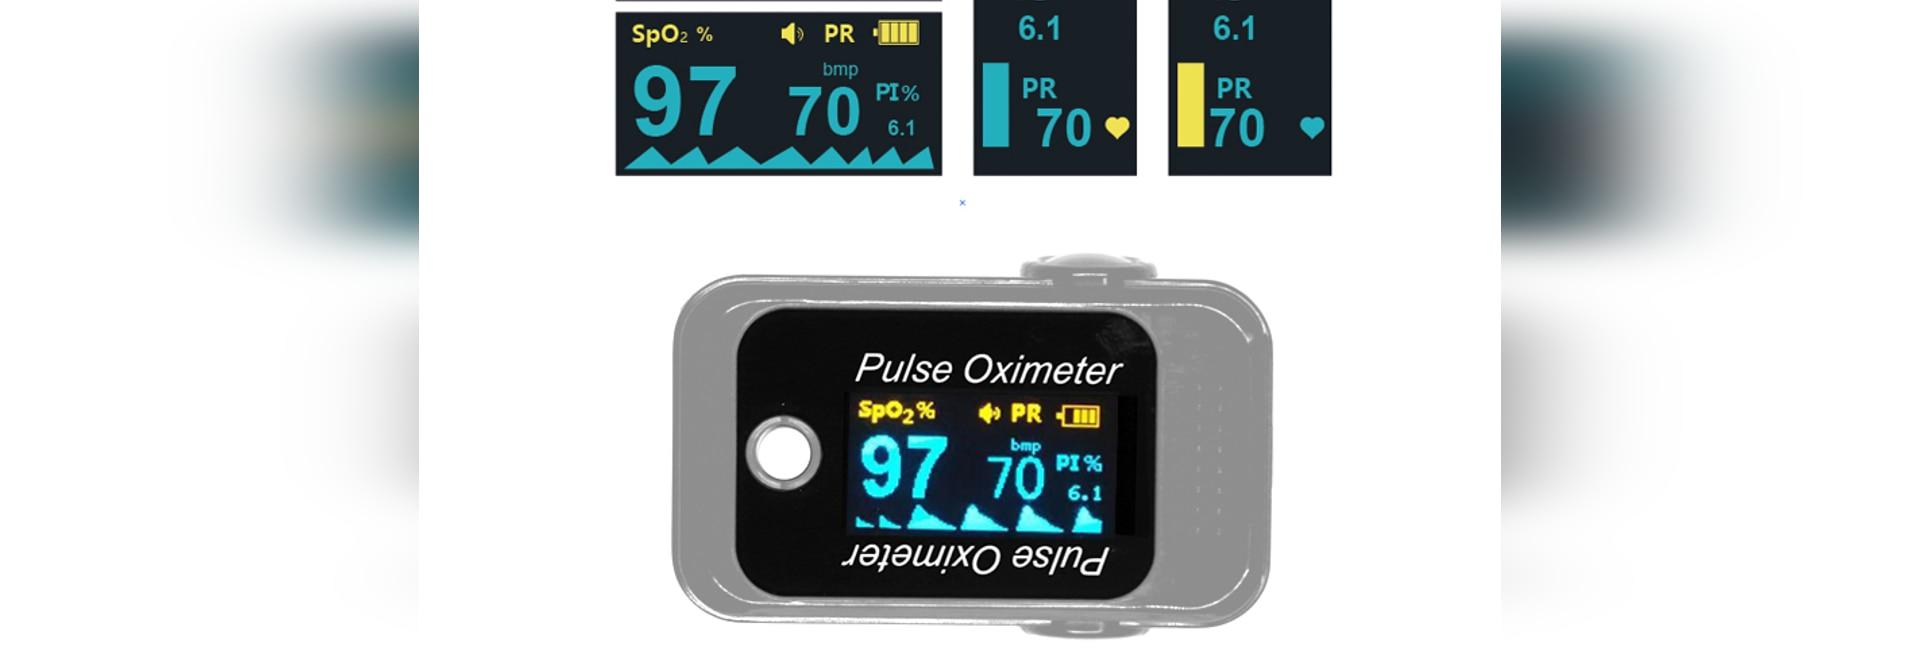 Spo2, frecuencia de pulso y PI monitoreados por un oxímetro de pulso de cuatro vías